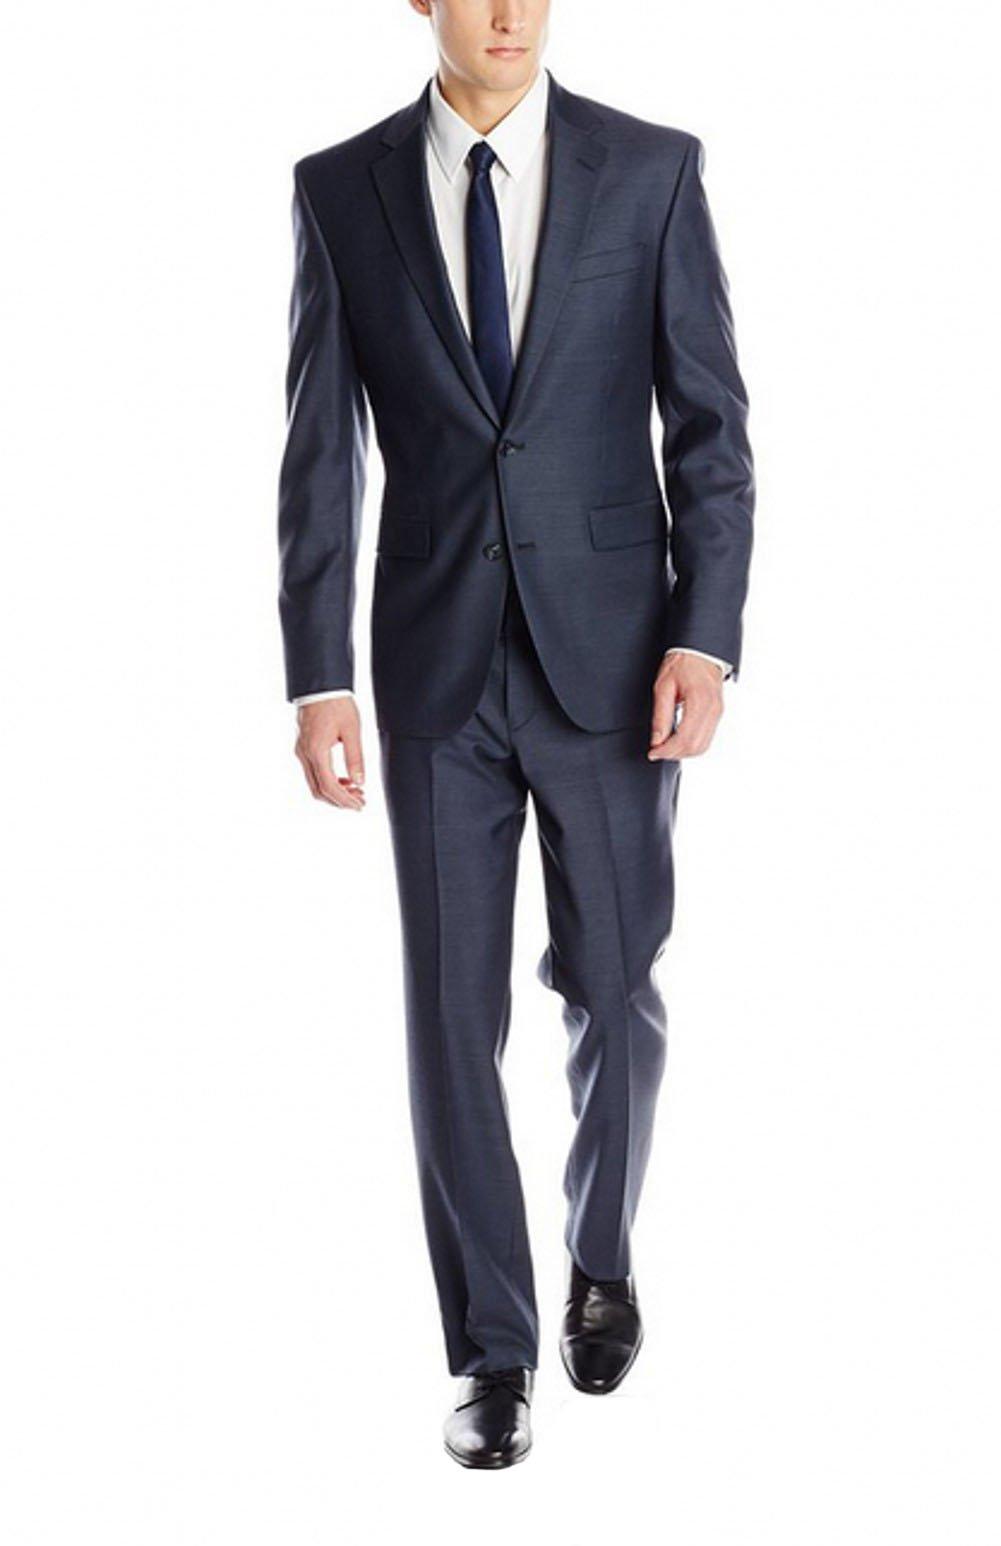 Love Dress Men's Solid 2 Button Notch Lapel Suit Jacket and Pant Navy XXXXXXL